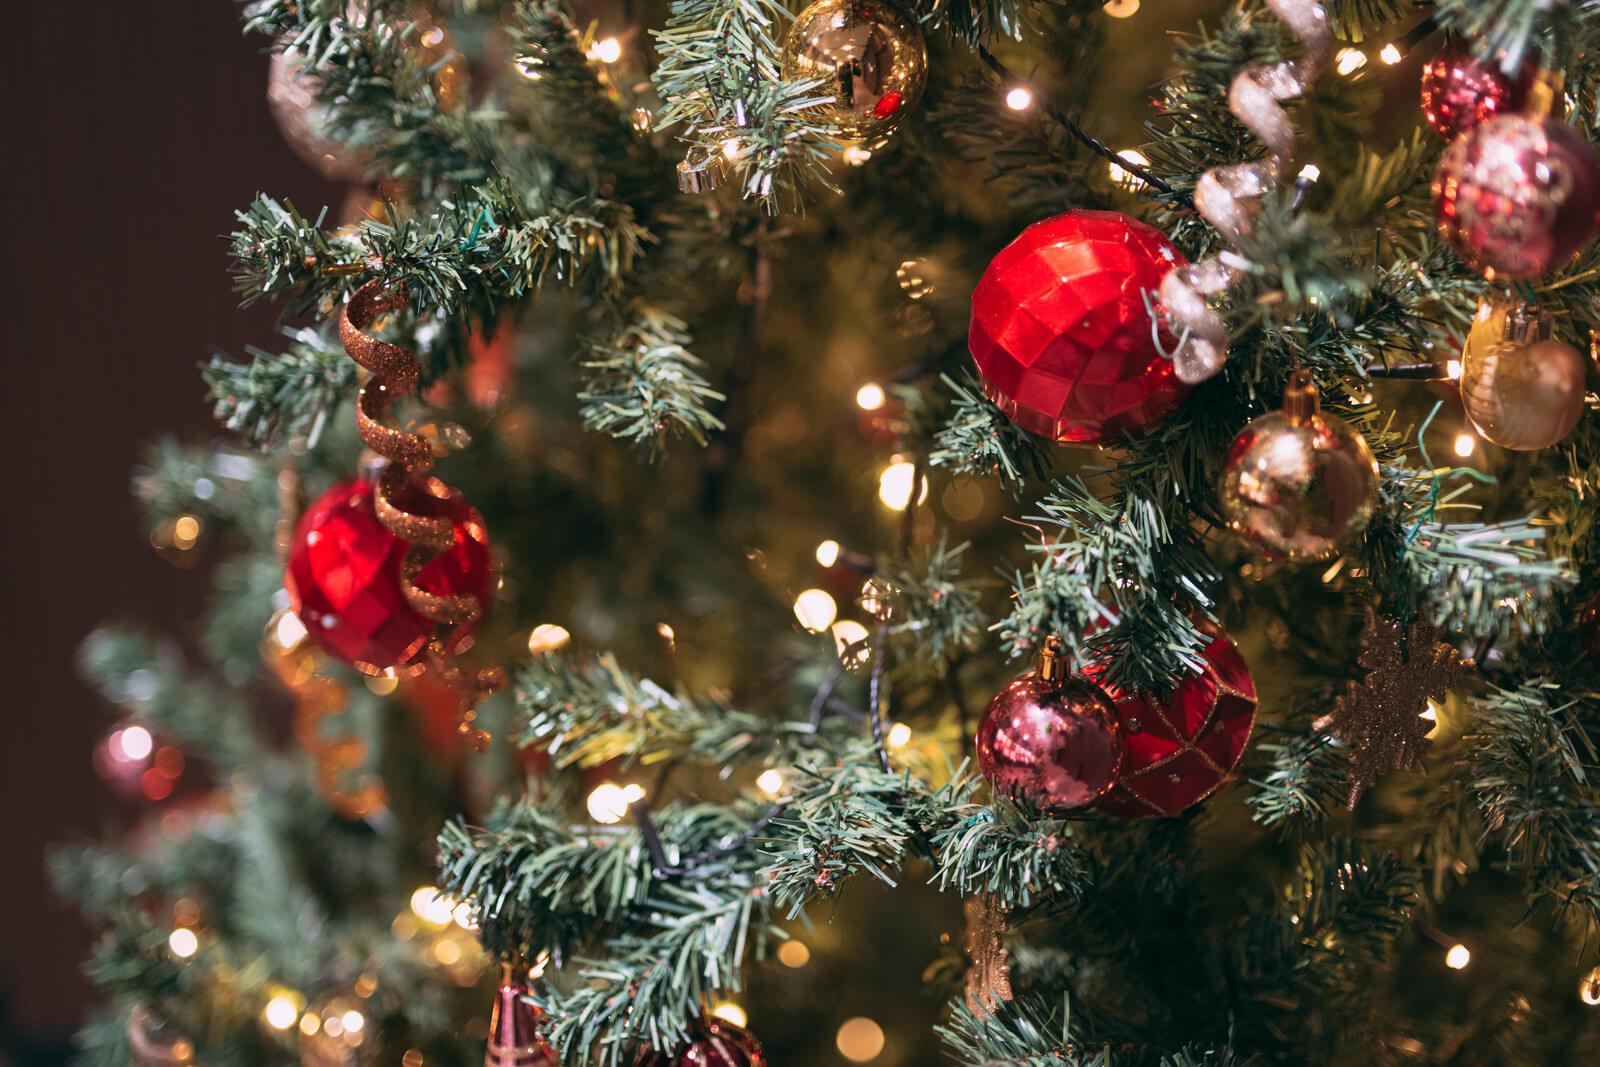 付き合う前の女性・彼女が喜ぶクリスマスプレゼントとは?予算別おすすめギフト10選!【2021年版】